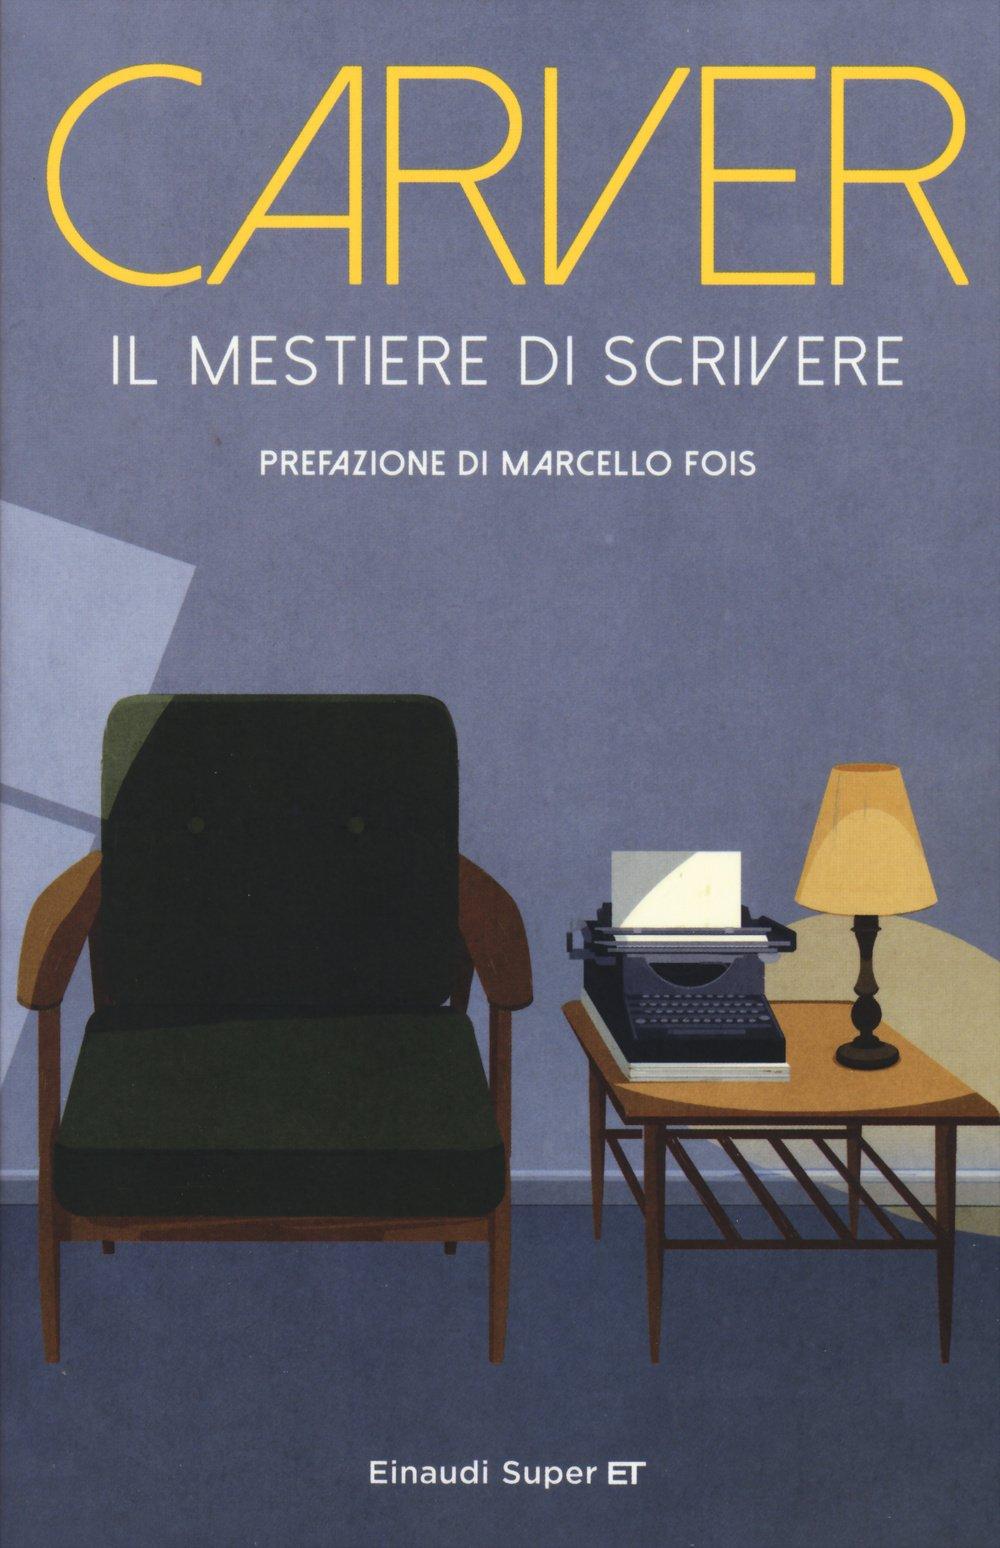 Raymond Carver – Il Mestiere di Scrivere